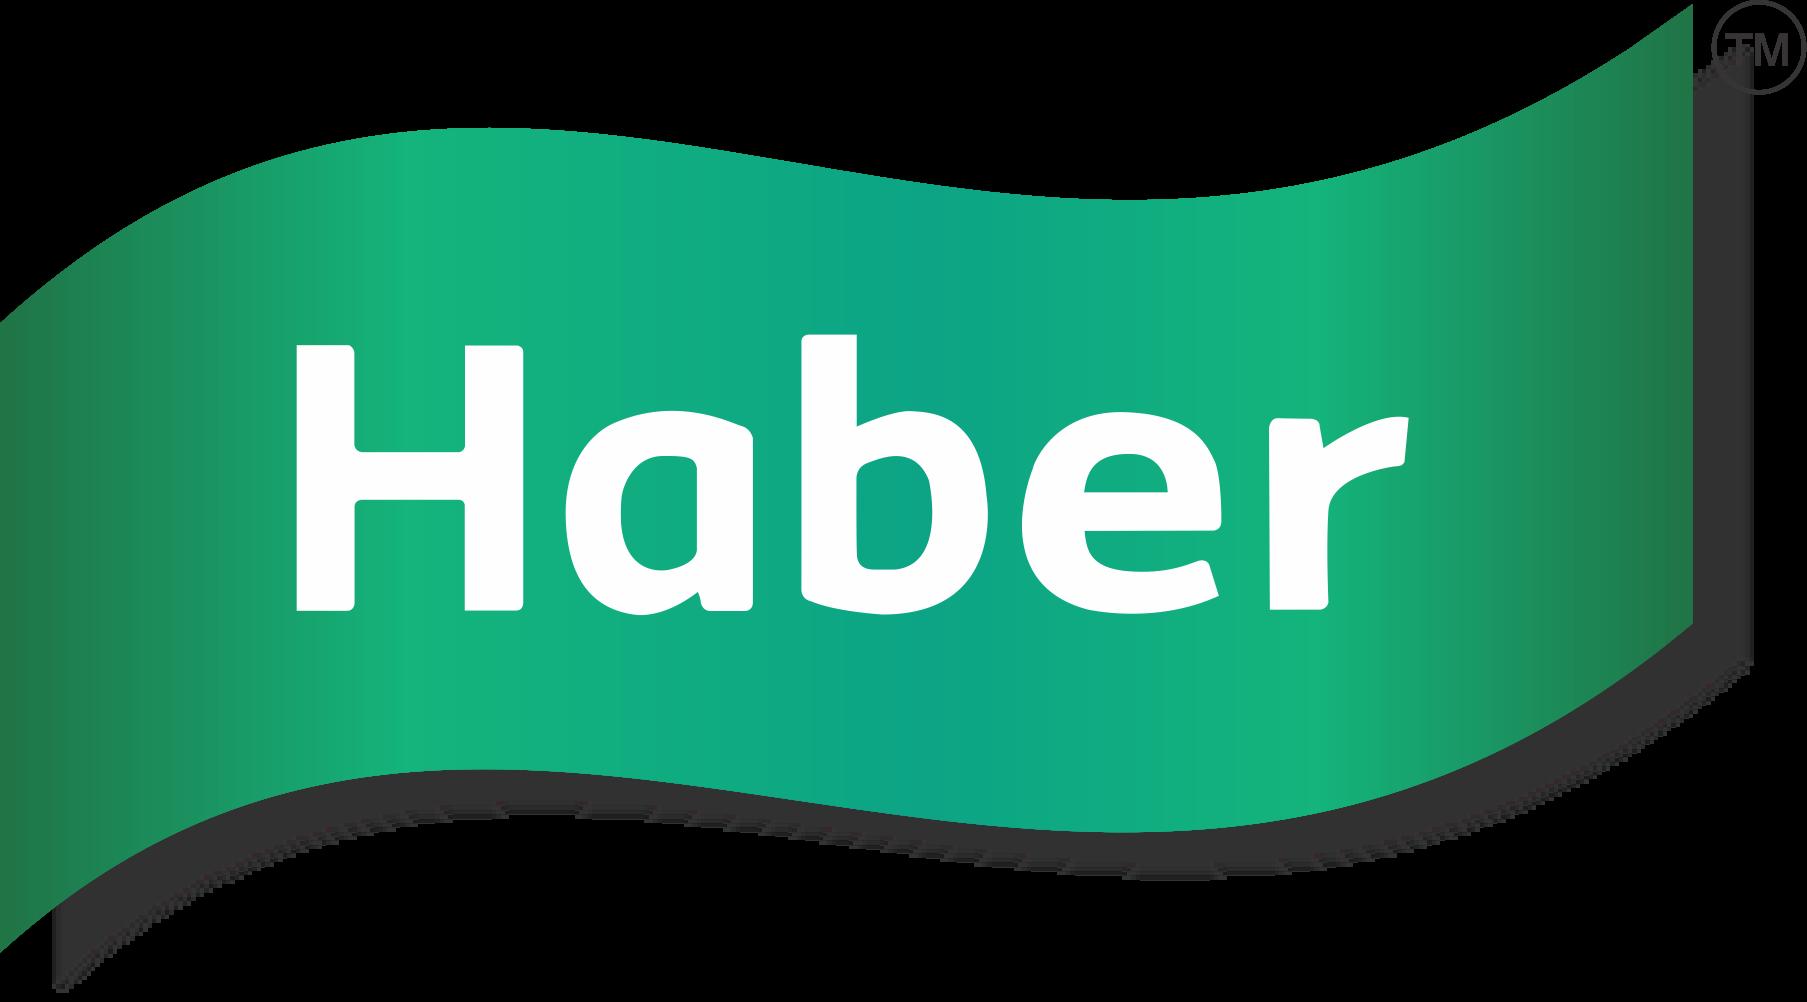 Haber